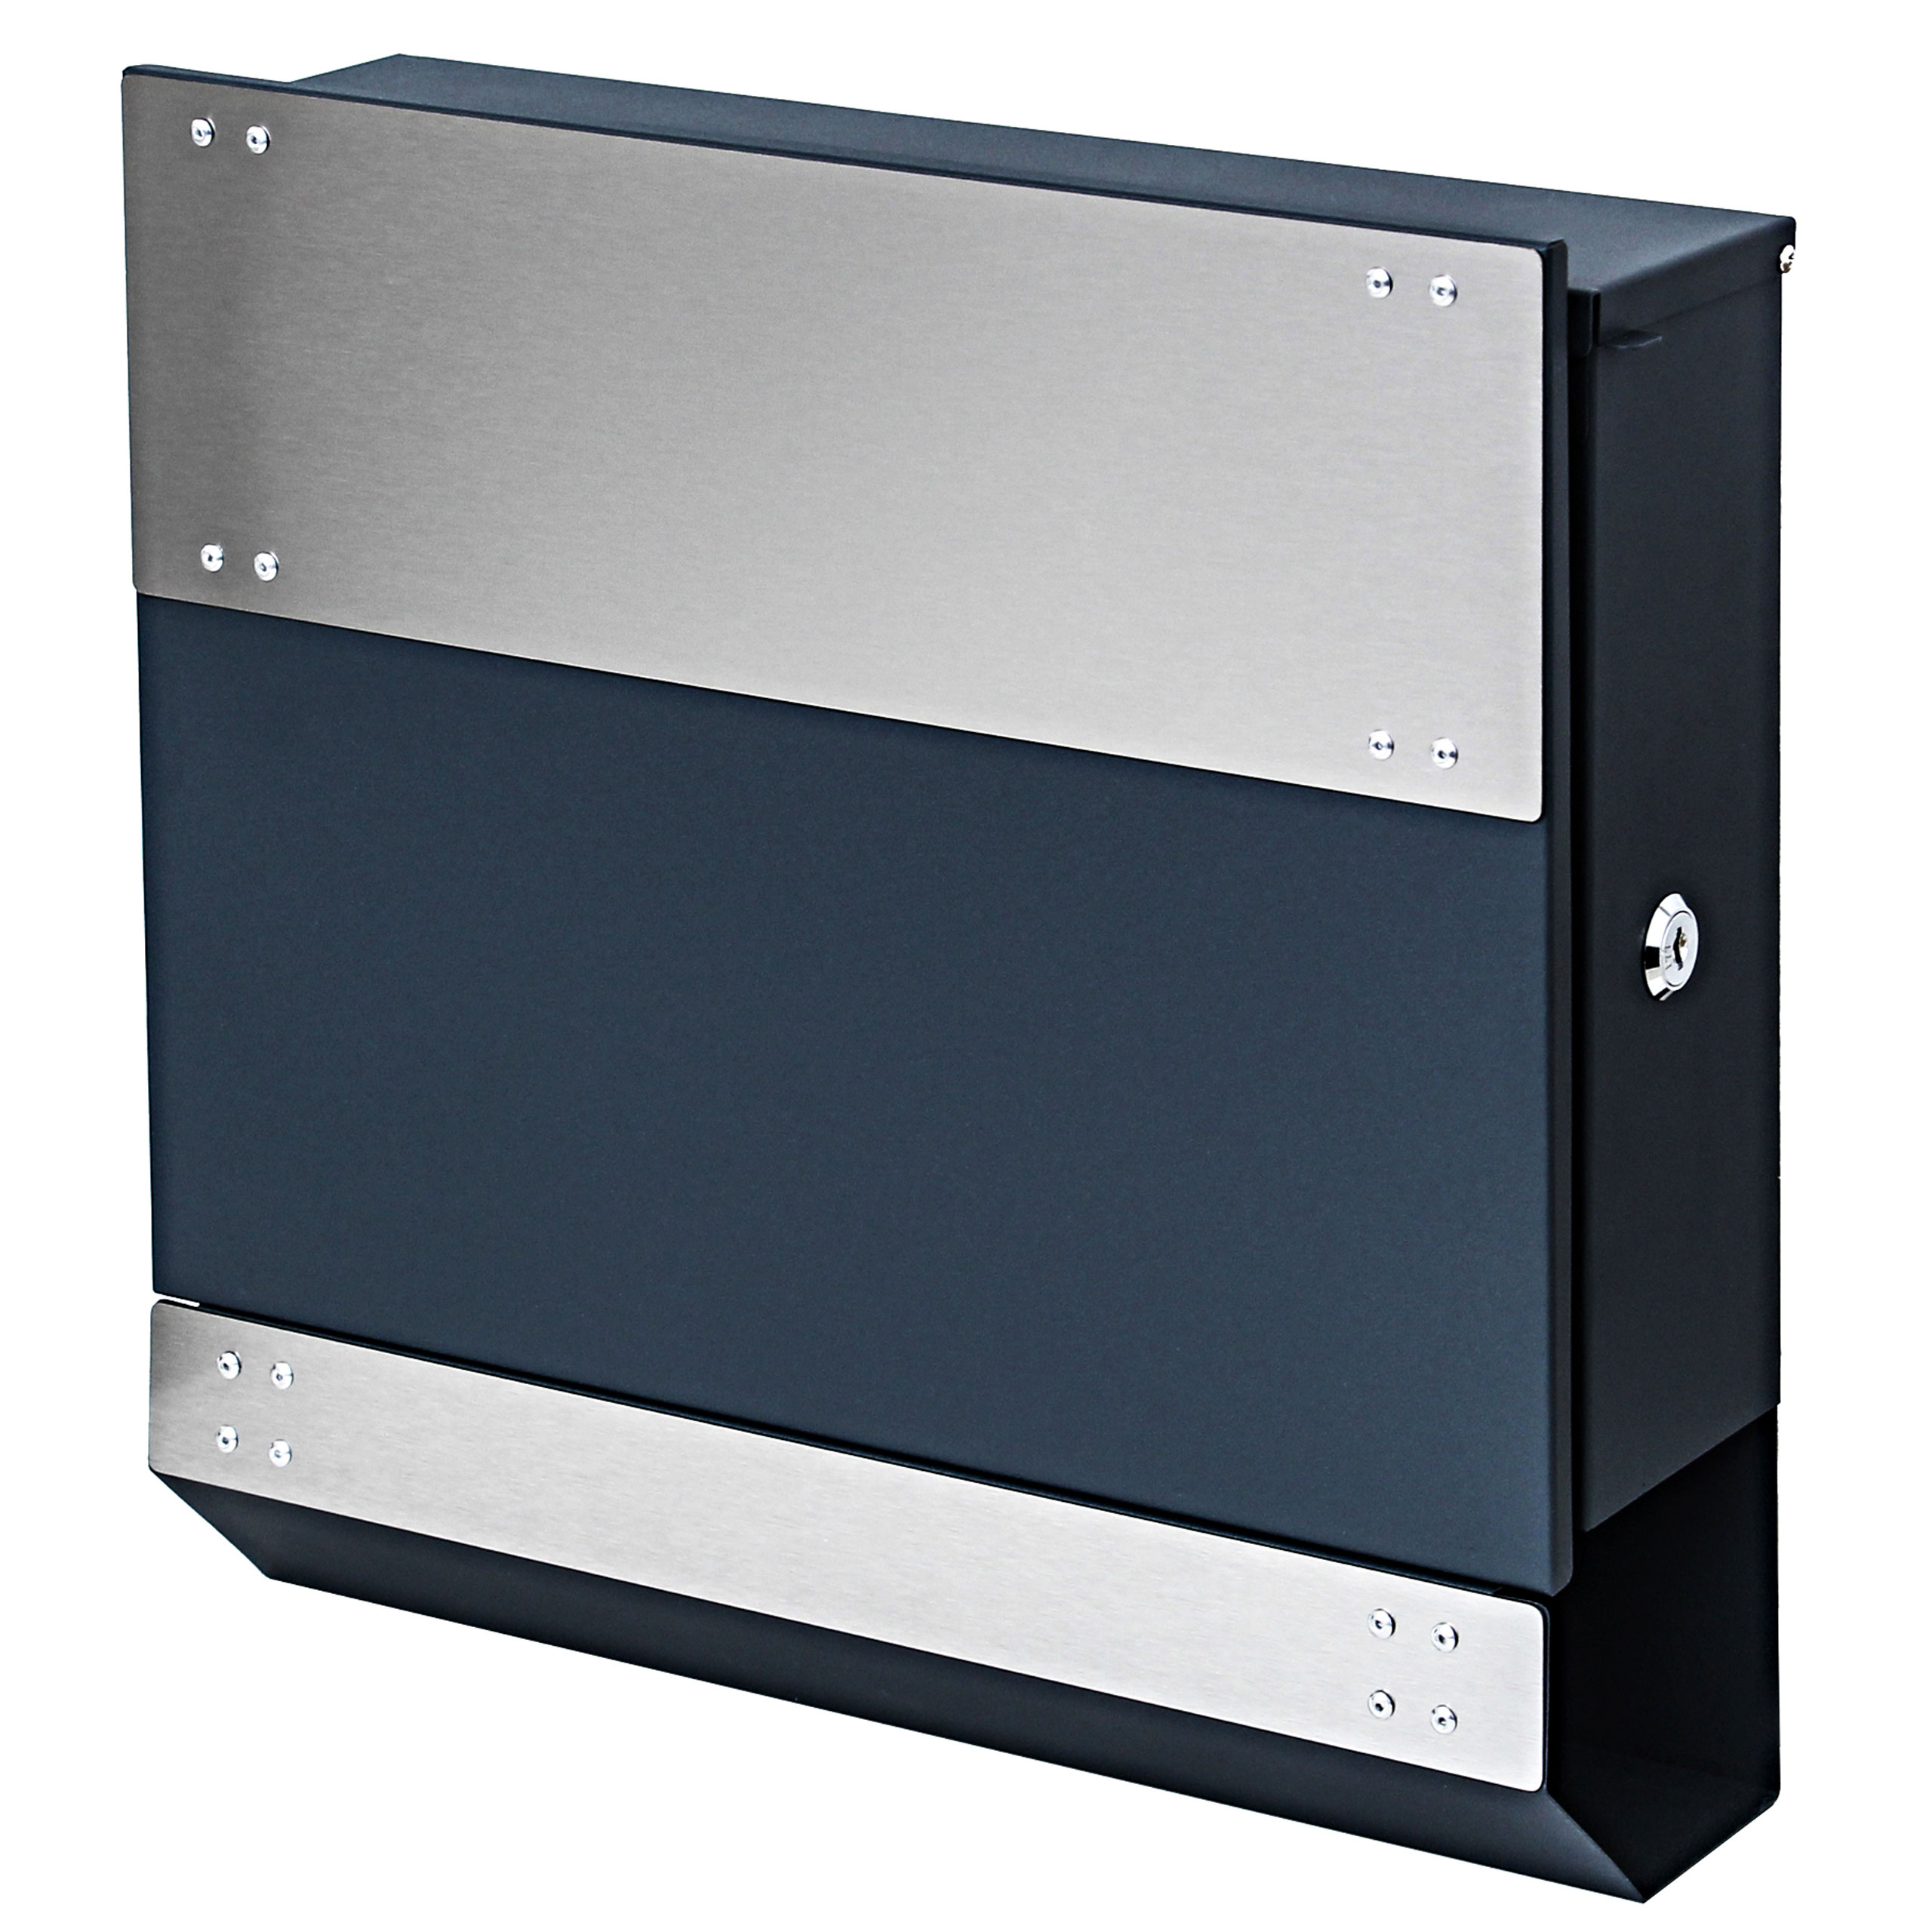 briefkasten hwc b33 wandbriefkasten postkasten zeitungsfach pulverbeschichtet anthrazit edelstahl. Black Bedroom Furniture Sets. Home Design Ideas